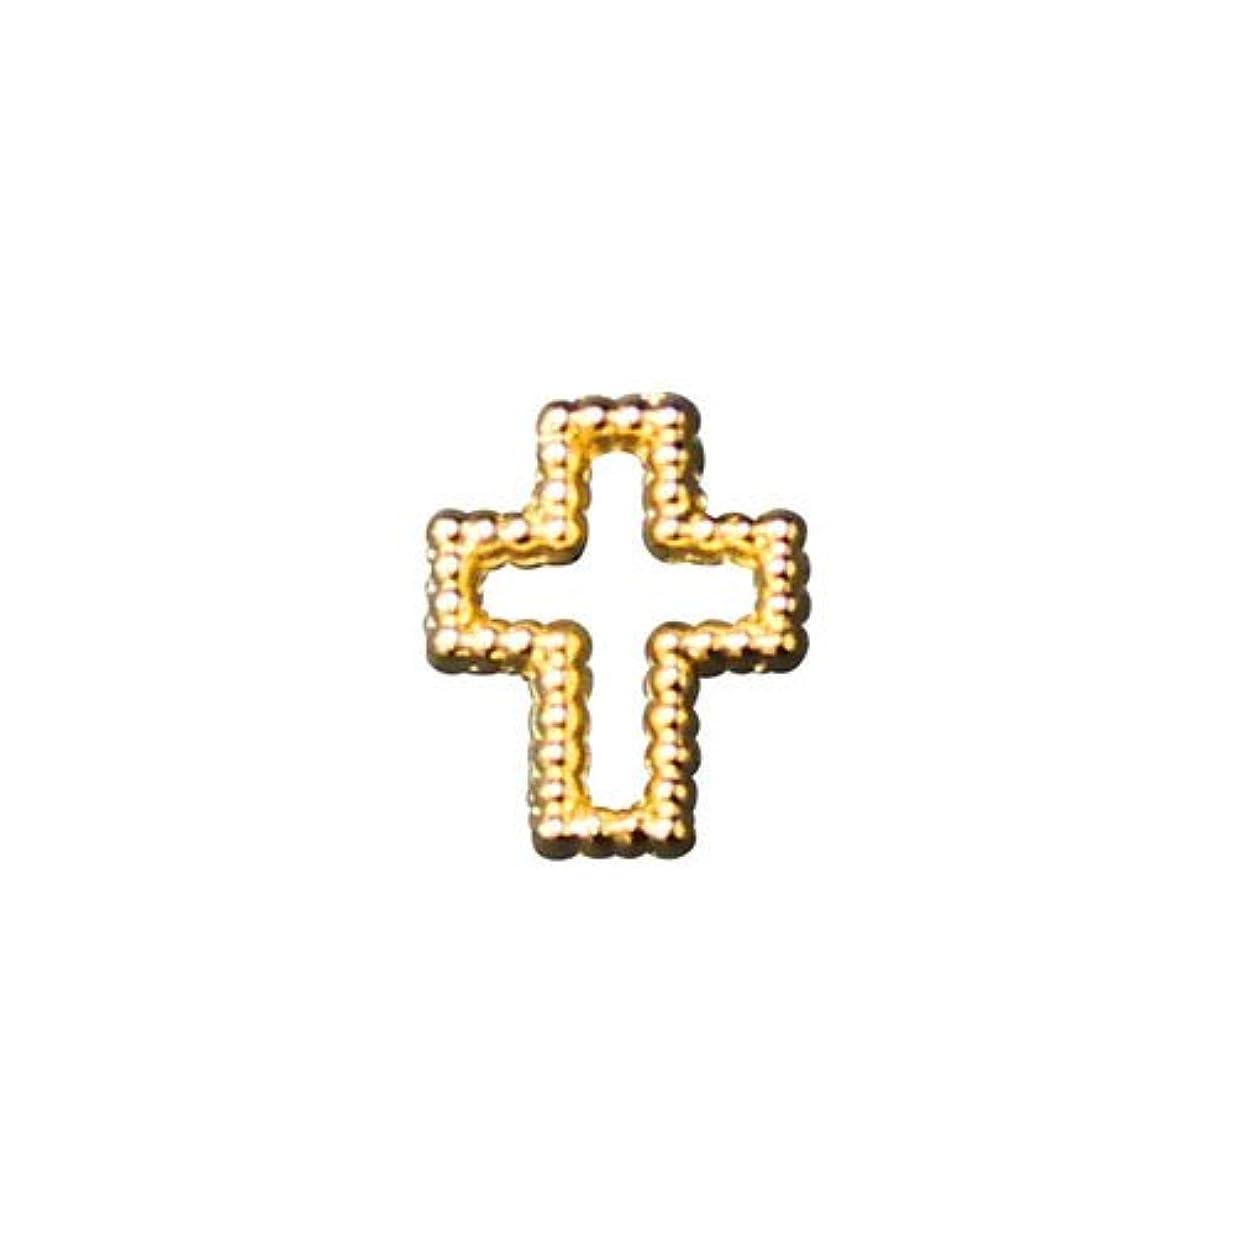 蚊盆地牧師プリティーネイル ネイルアートパーツ ブリオンクロス2 M ゴールド 12個